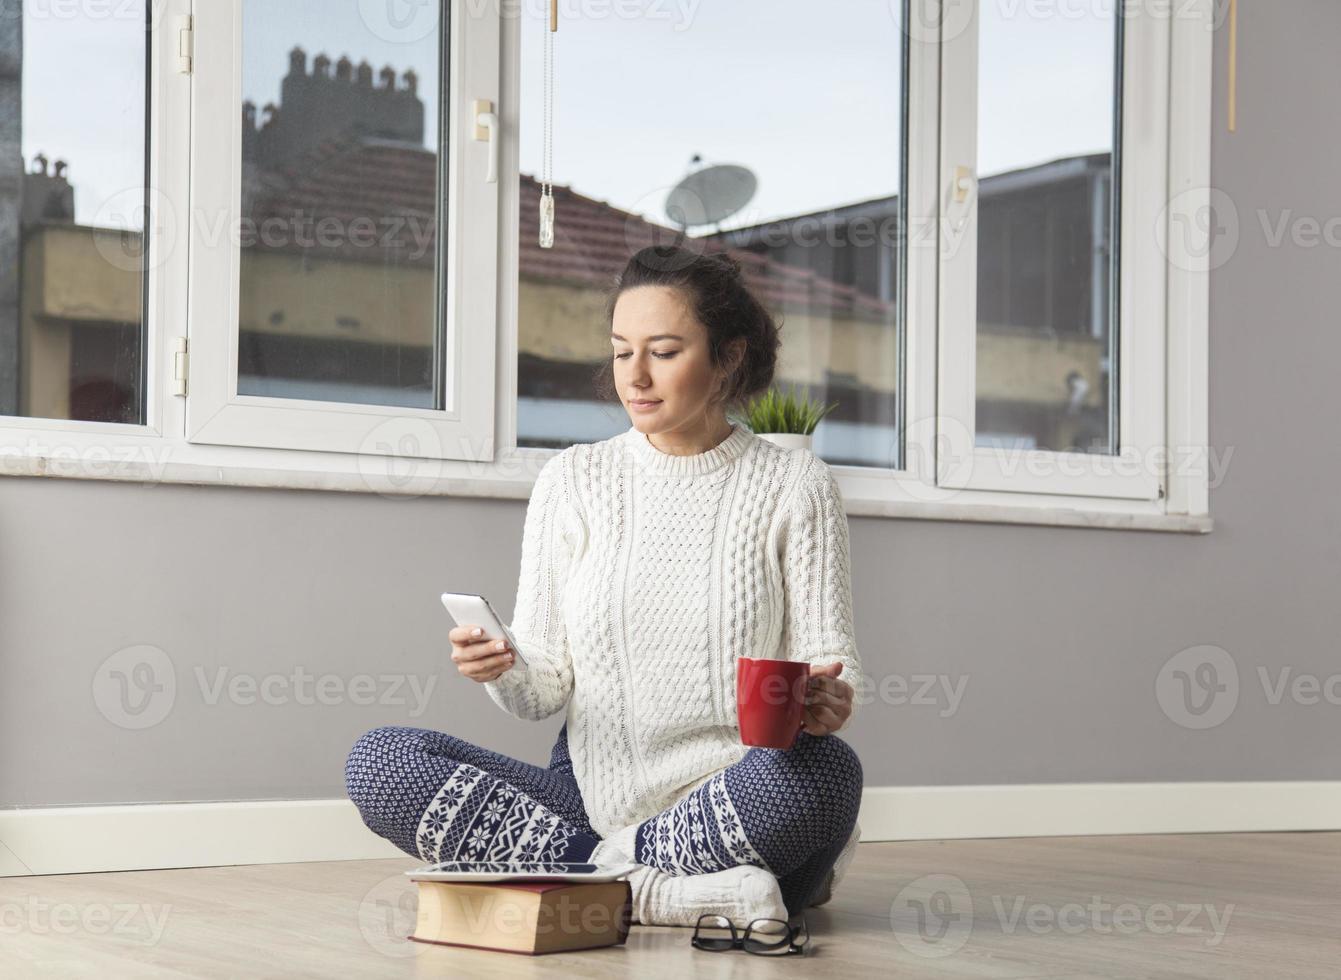 jonge vrouw SMS-bericht verzenden foto